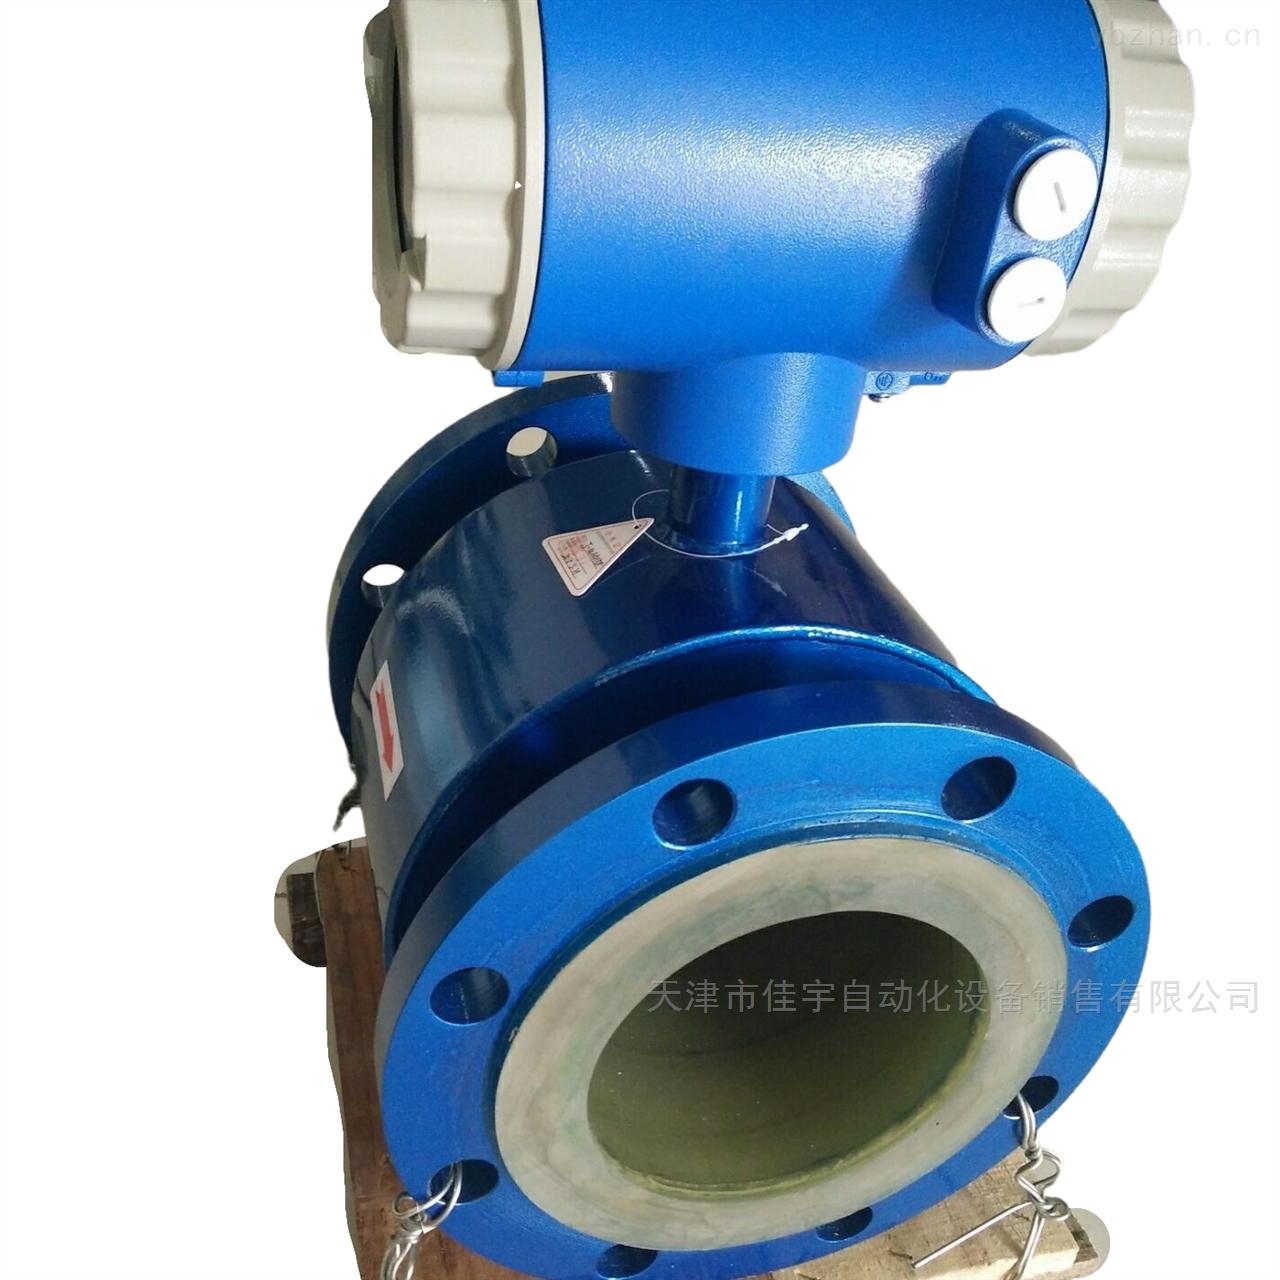 电磁流量计LDZ-4B-10-00厂家